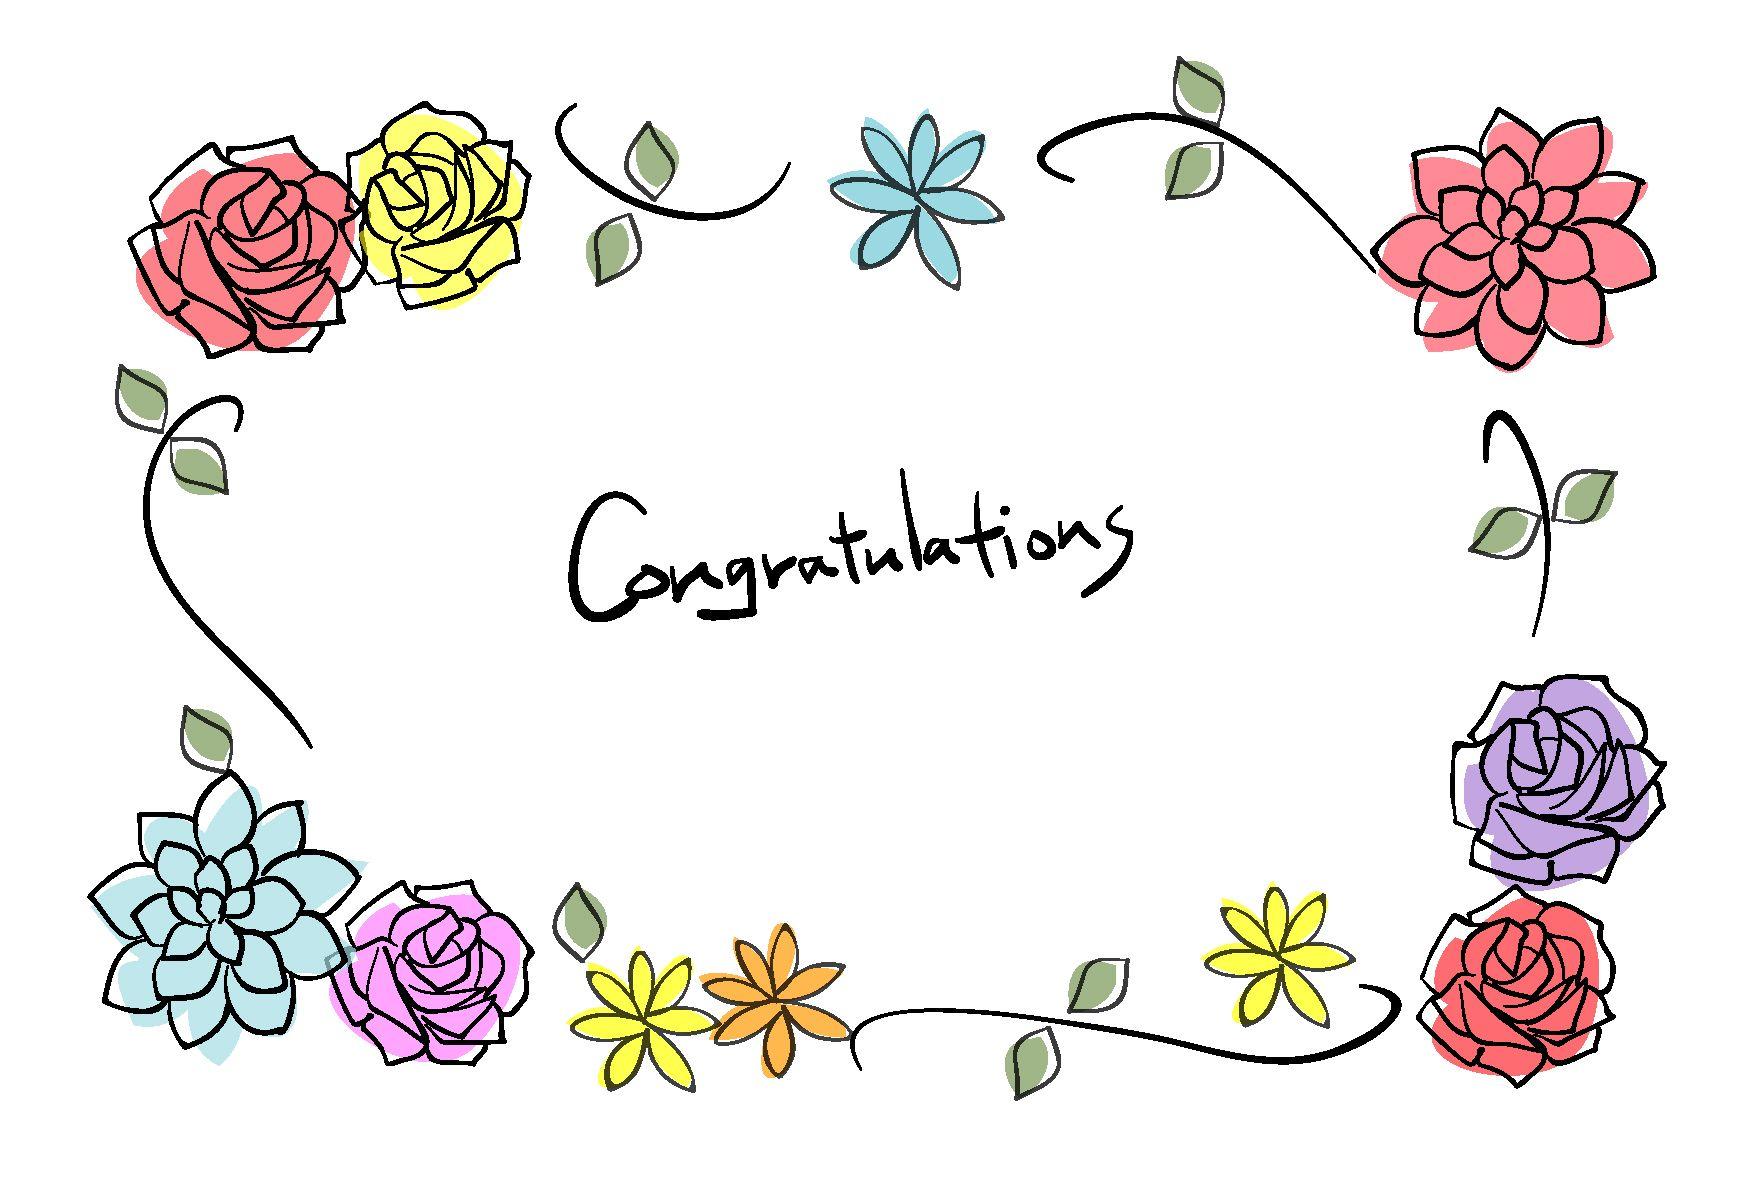 結婚祝いはがきテンプレートお花の飾り枠congratulations